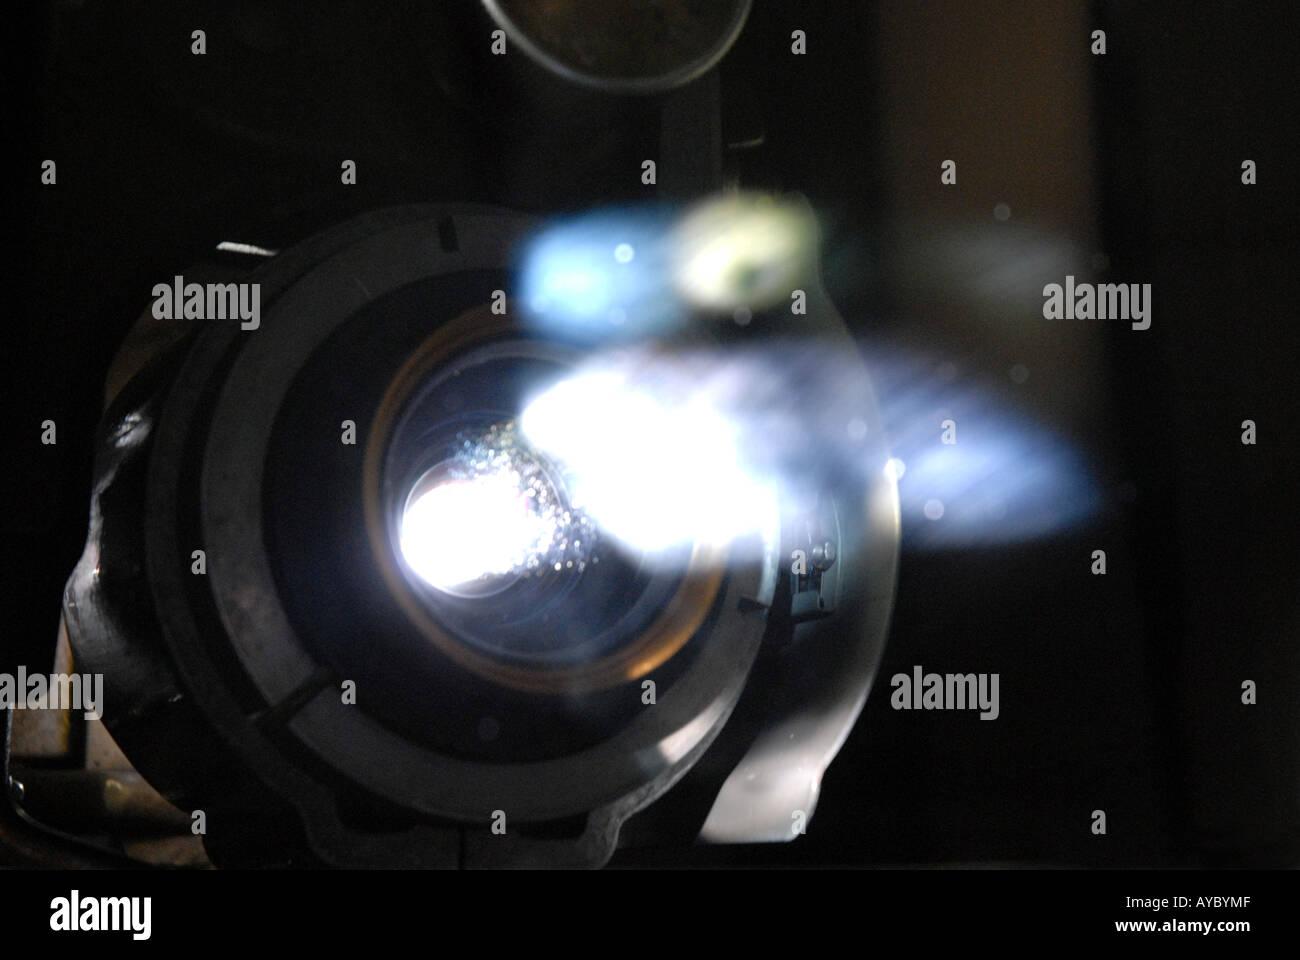 Proiettore Film immagine di lente Immagini Stock